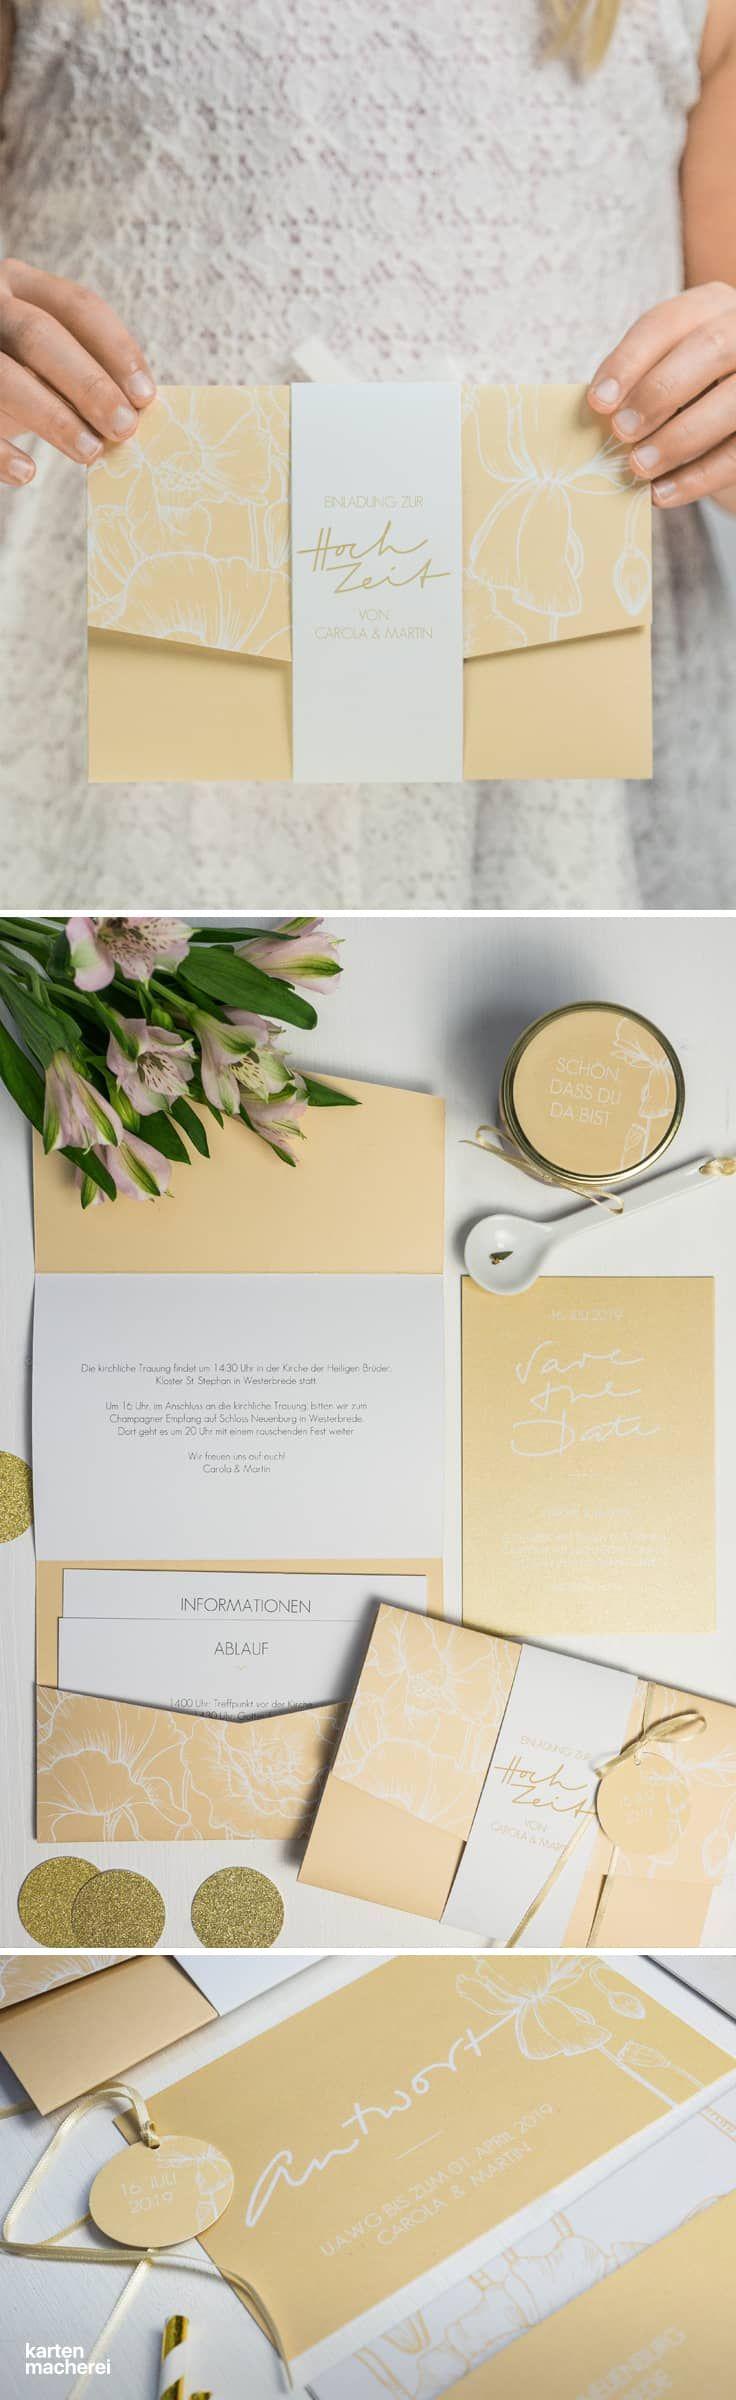 Eine Idee zur Hochzeitseinladung: Das Pocketfold-Format im schönen Nude-Look. Das Besondere am Pocketfold: Das Öffnen der Einladung wird für eure Gäste zum Erlebnis: Eine Banderole umgibt die Einladungskarte, beim Öffnen werden alle Informationen auf einen Blick sichtbar.